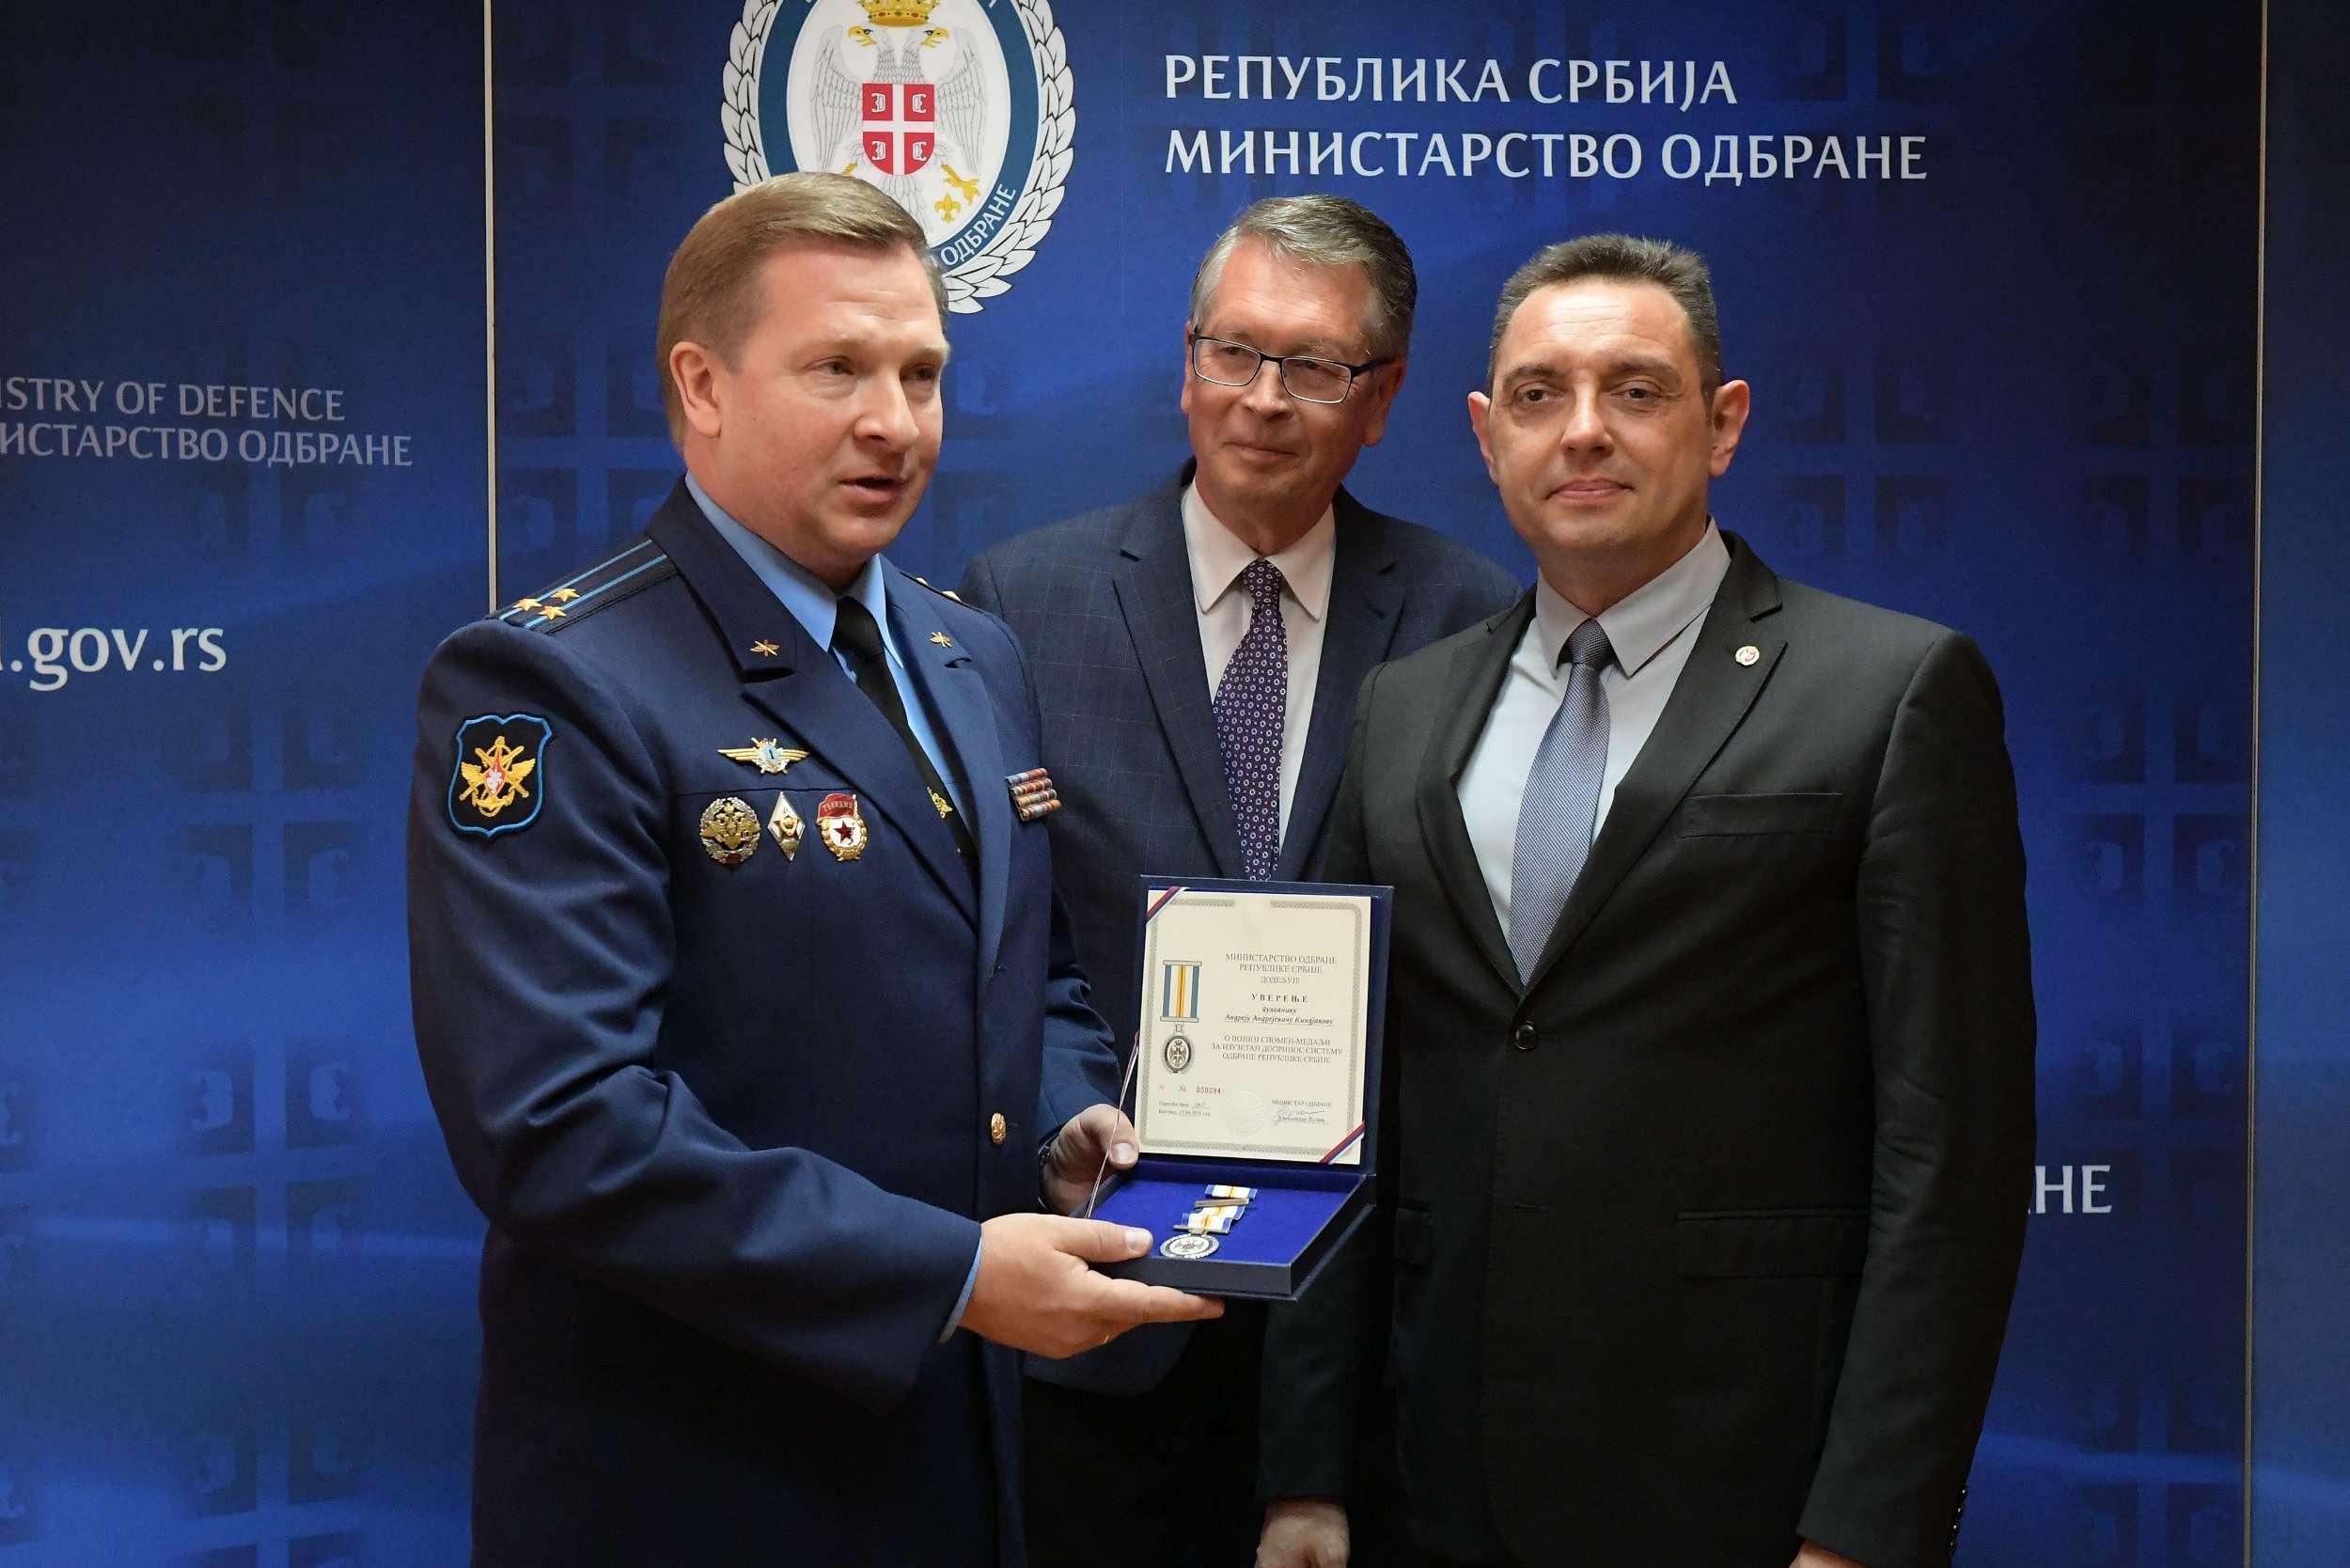 Изузетан допринос пуковника Киндјакова систему одбране Србије